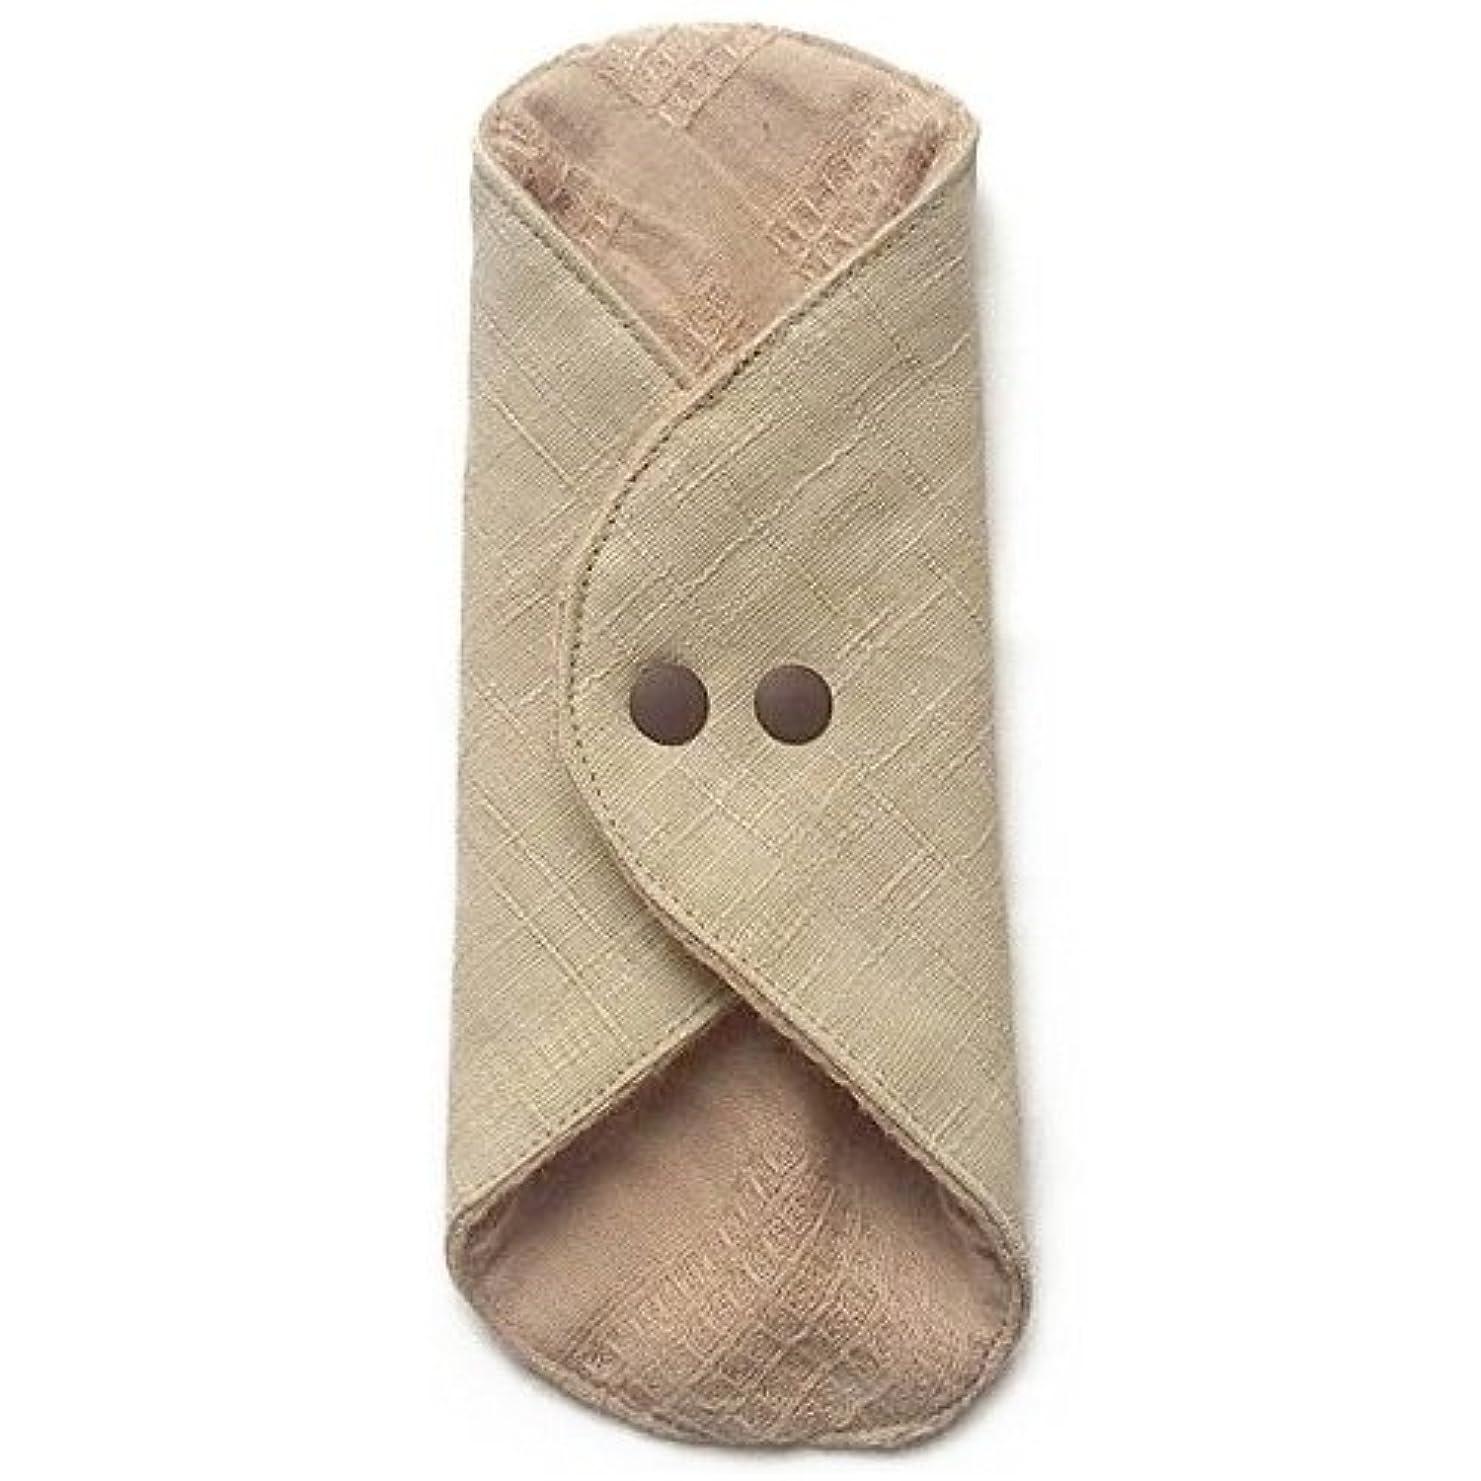 華布のオーガニックコットンのあたため布 Mサイズ(約15×約15cm) 彩り(百合)